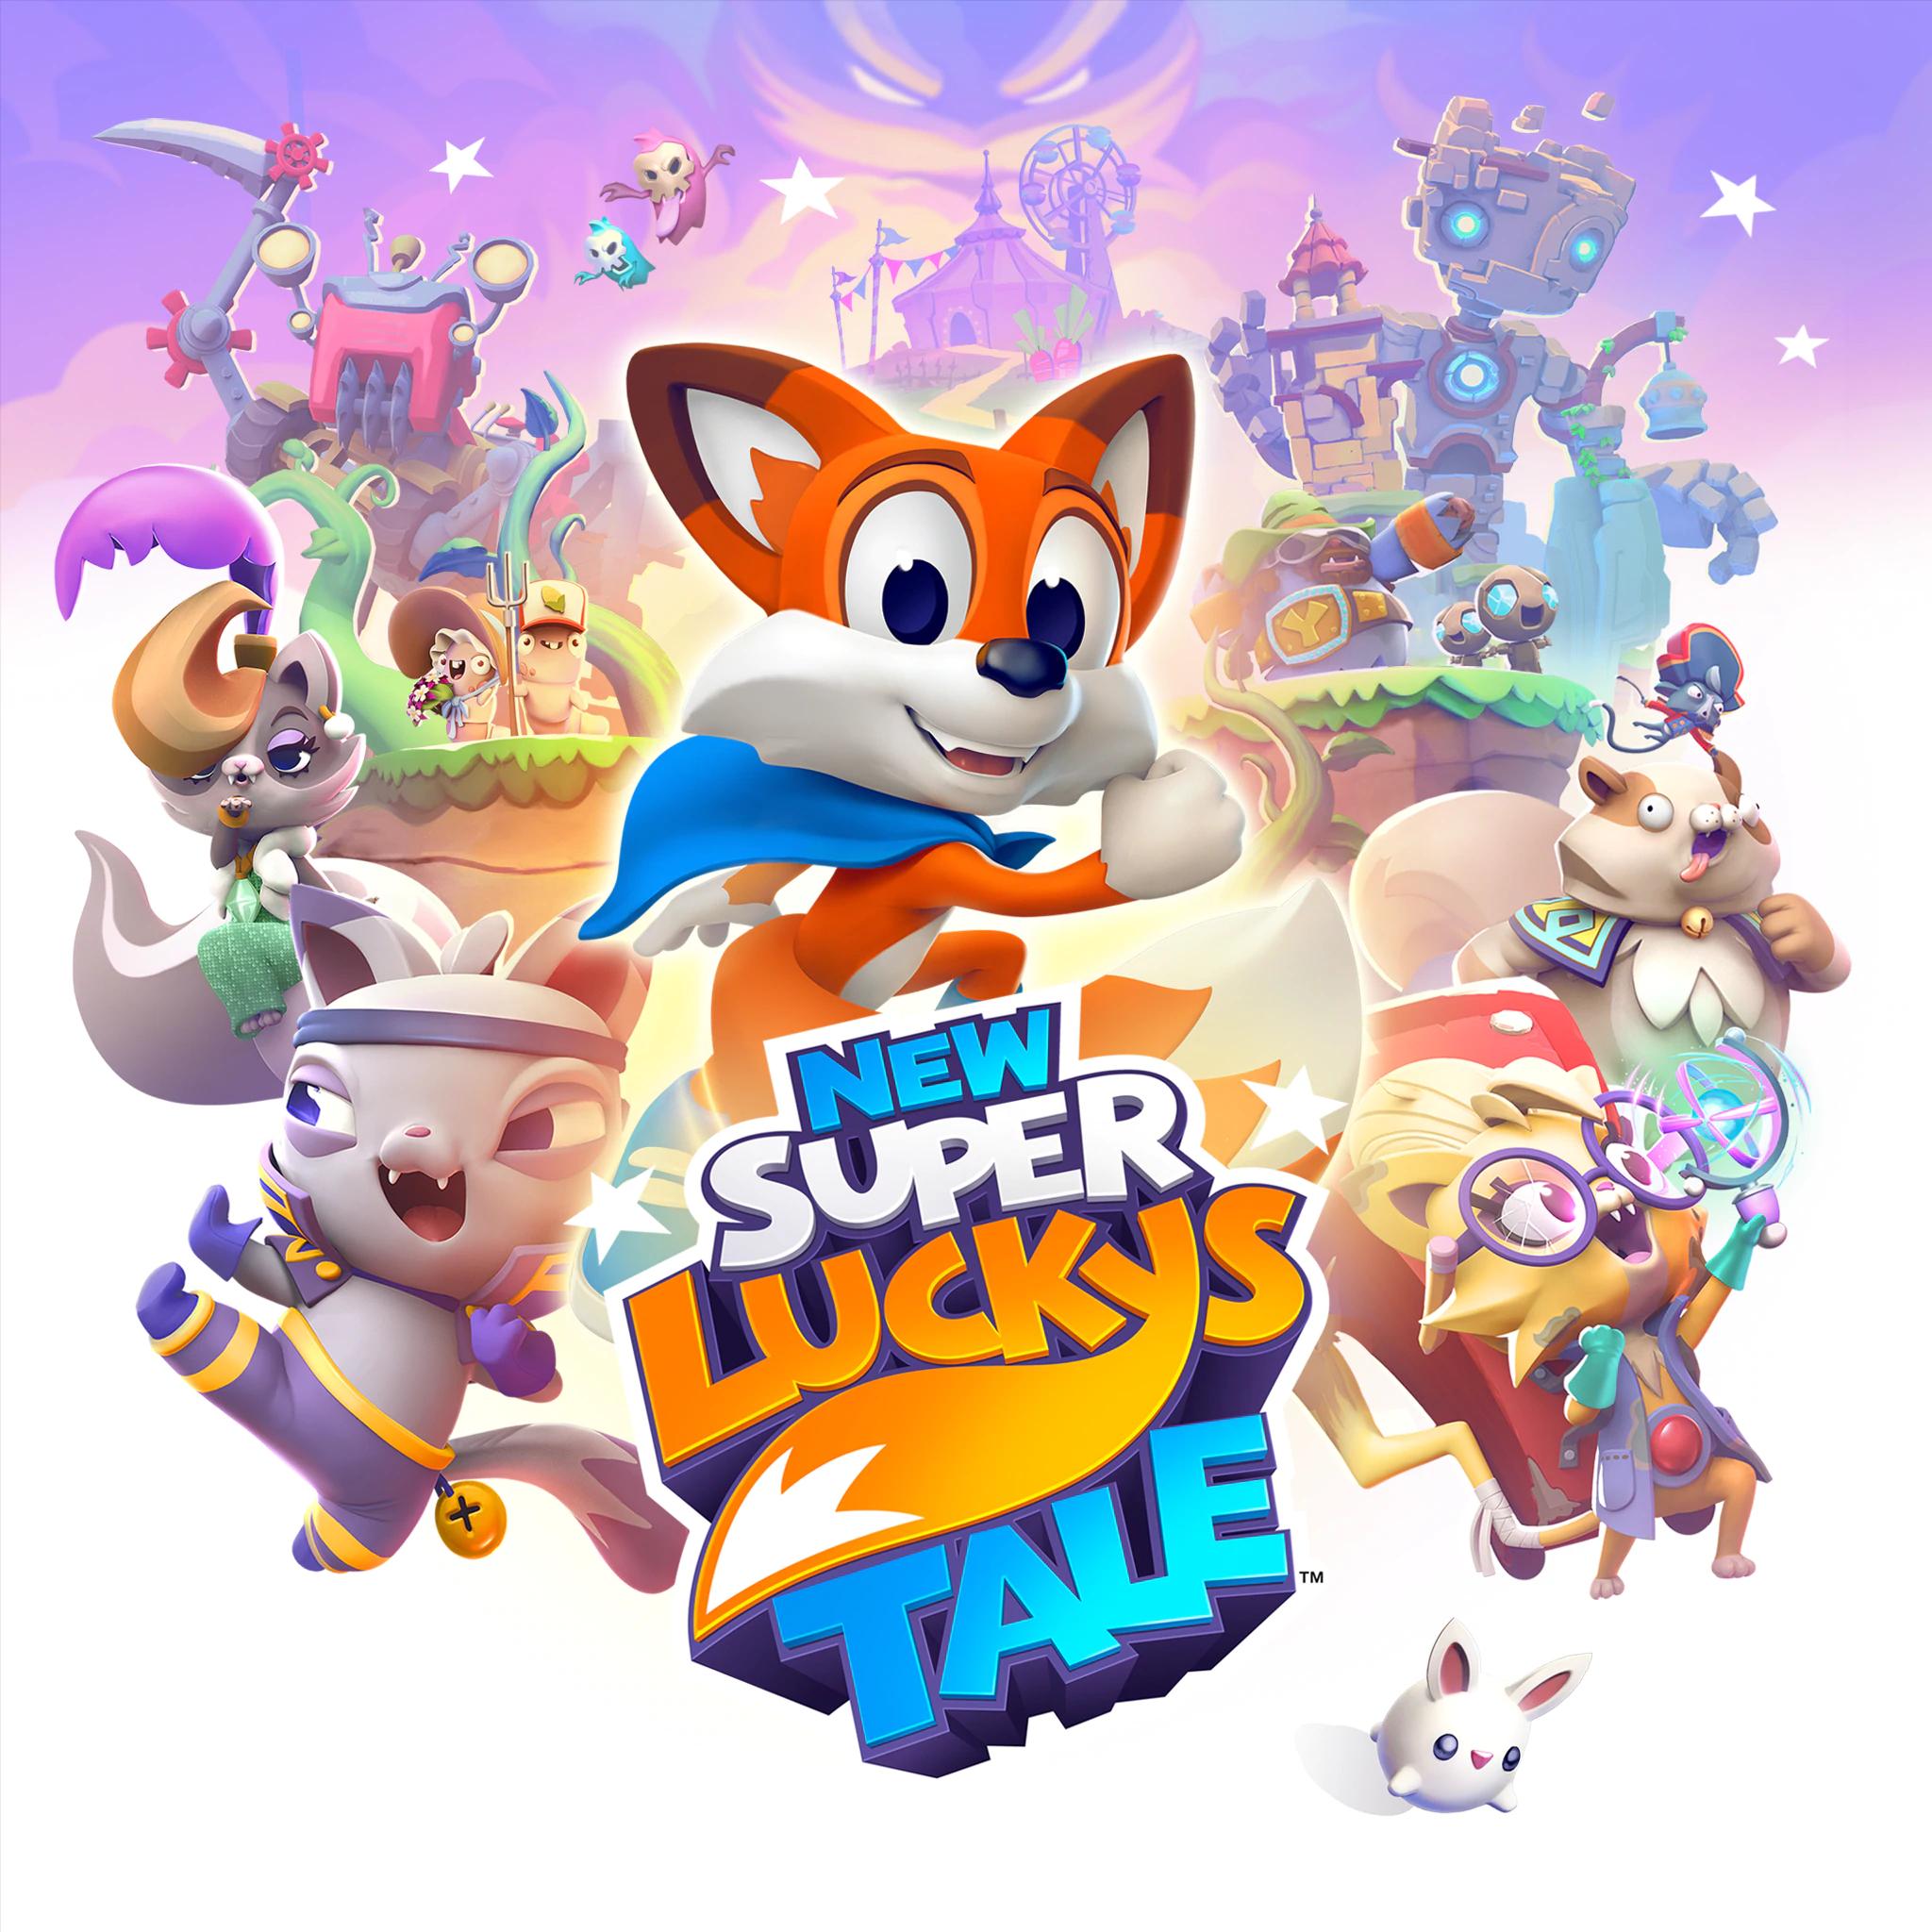 New Super Lucky's Tale sur PS4 (dématérialisé, Store Turque)